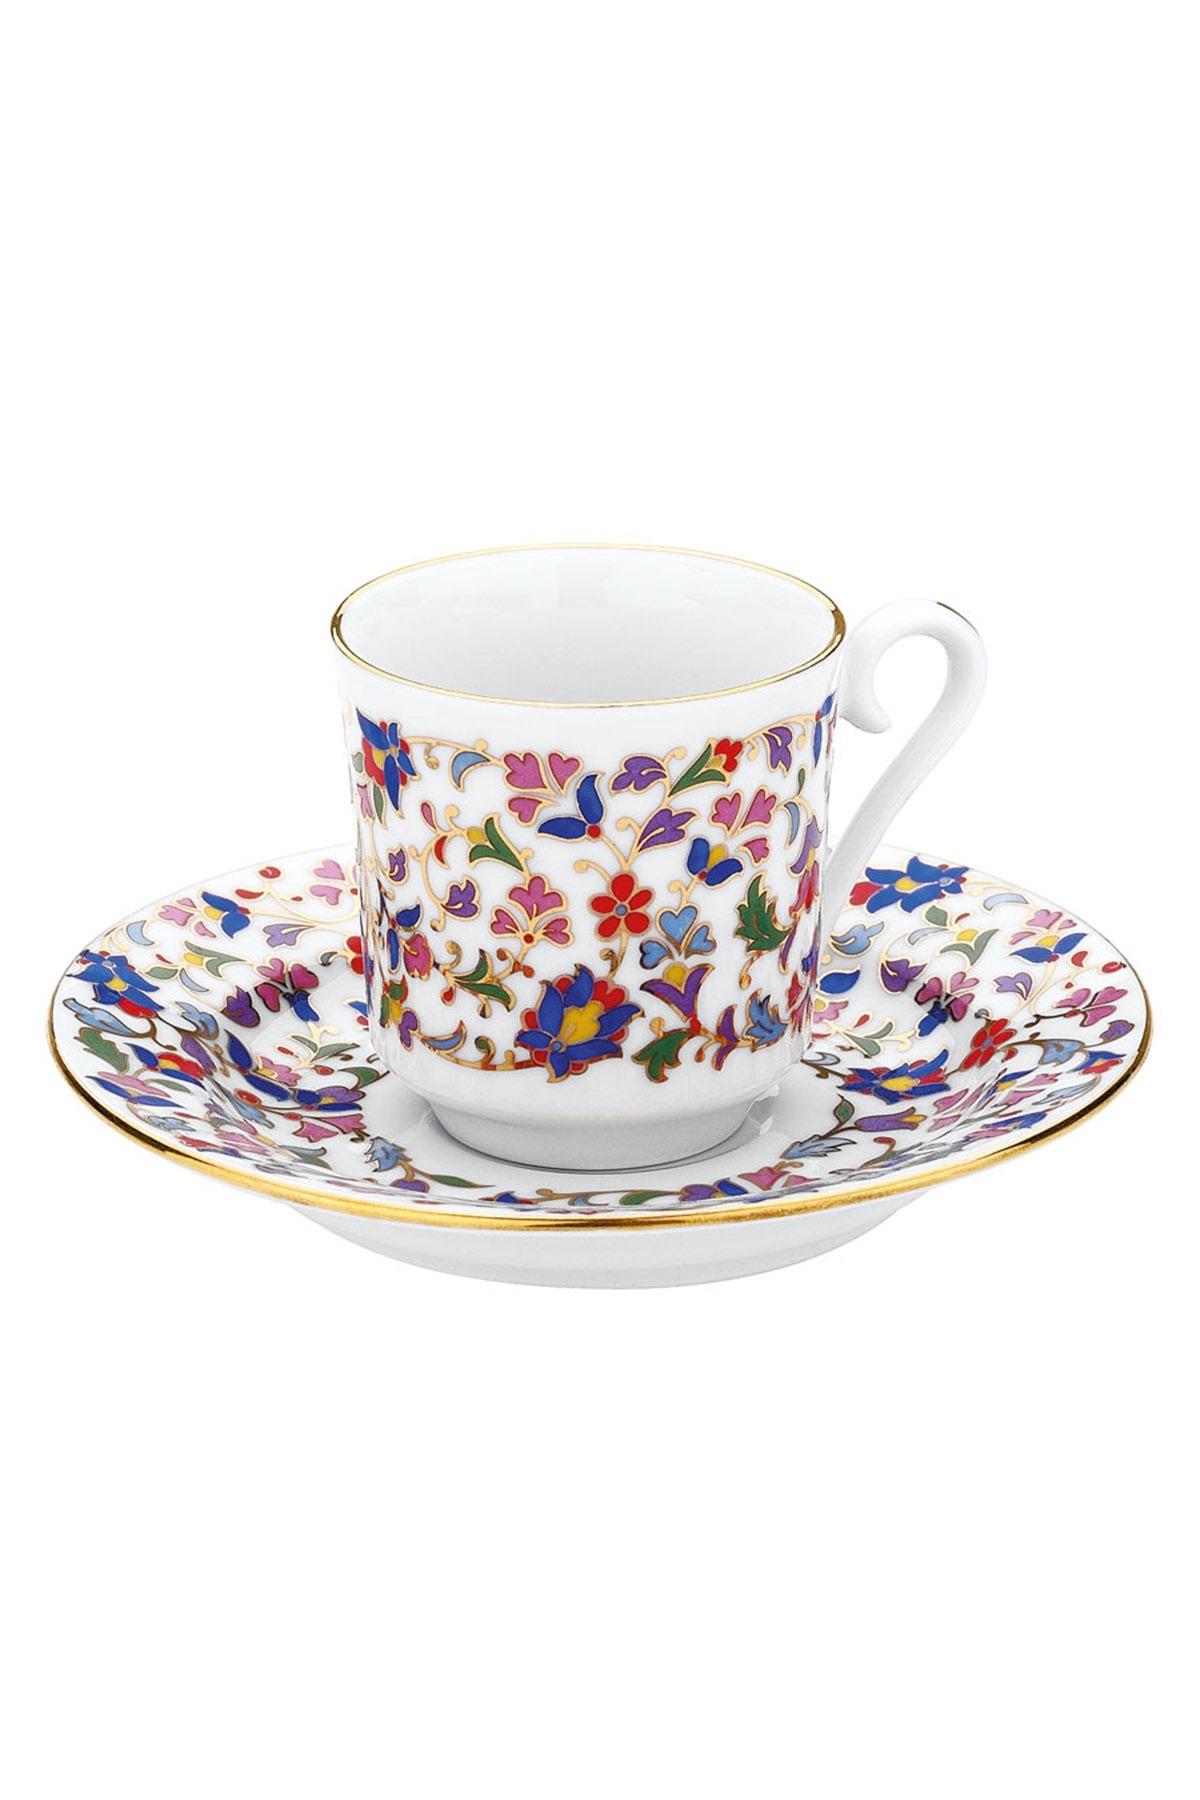 Kütahya Porselen 3645 Desen Kahve Fincan Takımı